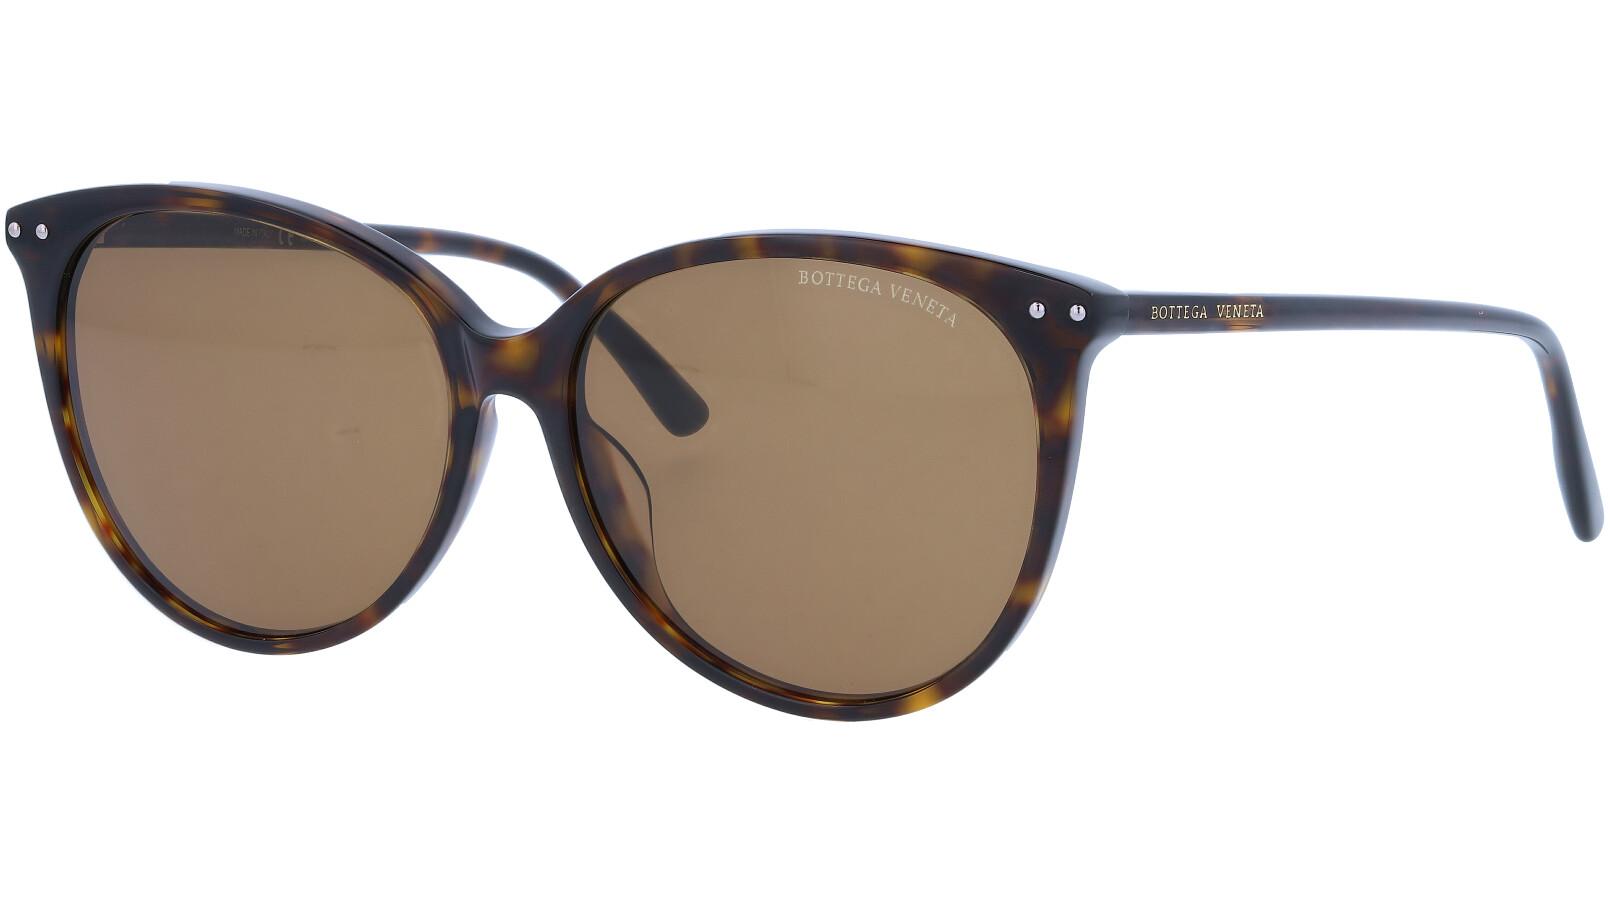 Bottega Veneta BV0159SA 002 57 Anana Sunglasses